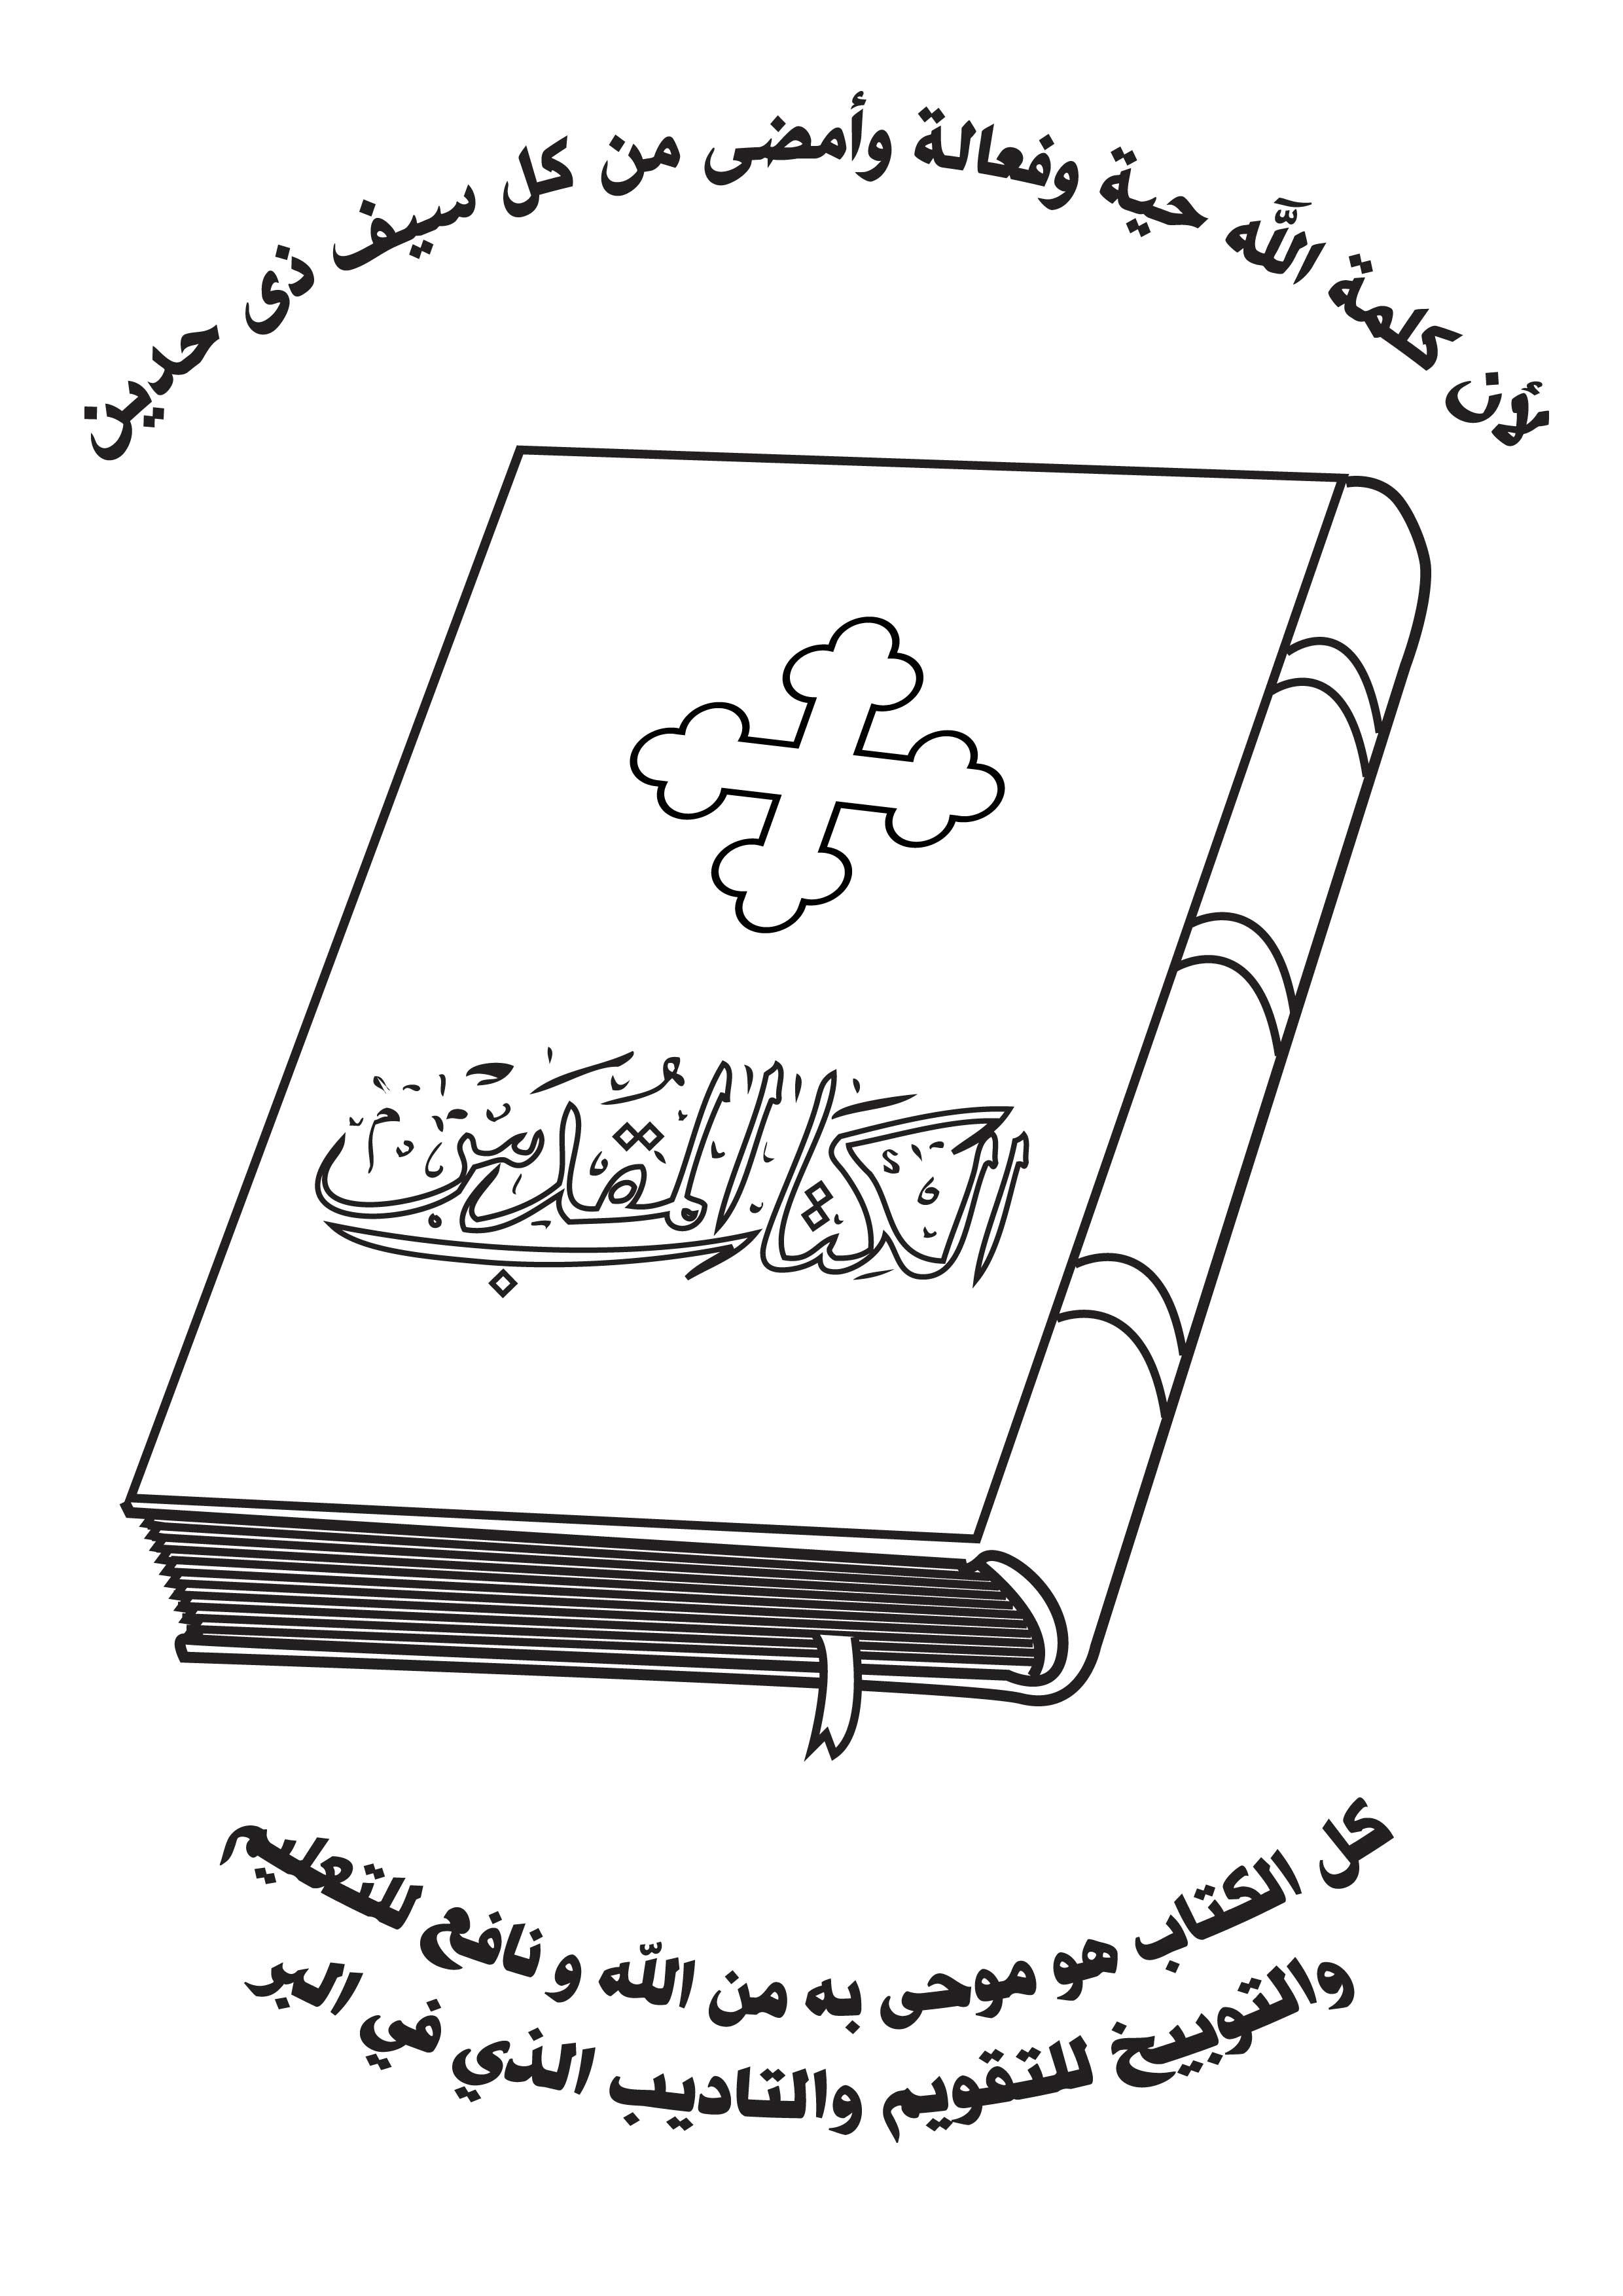 كتاب المولد النبوي الشريف pdf